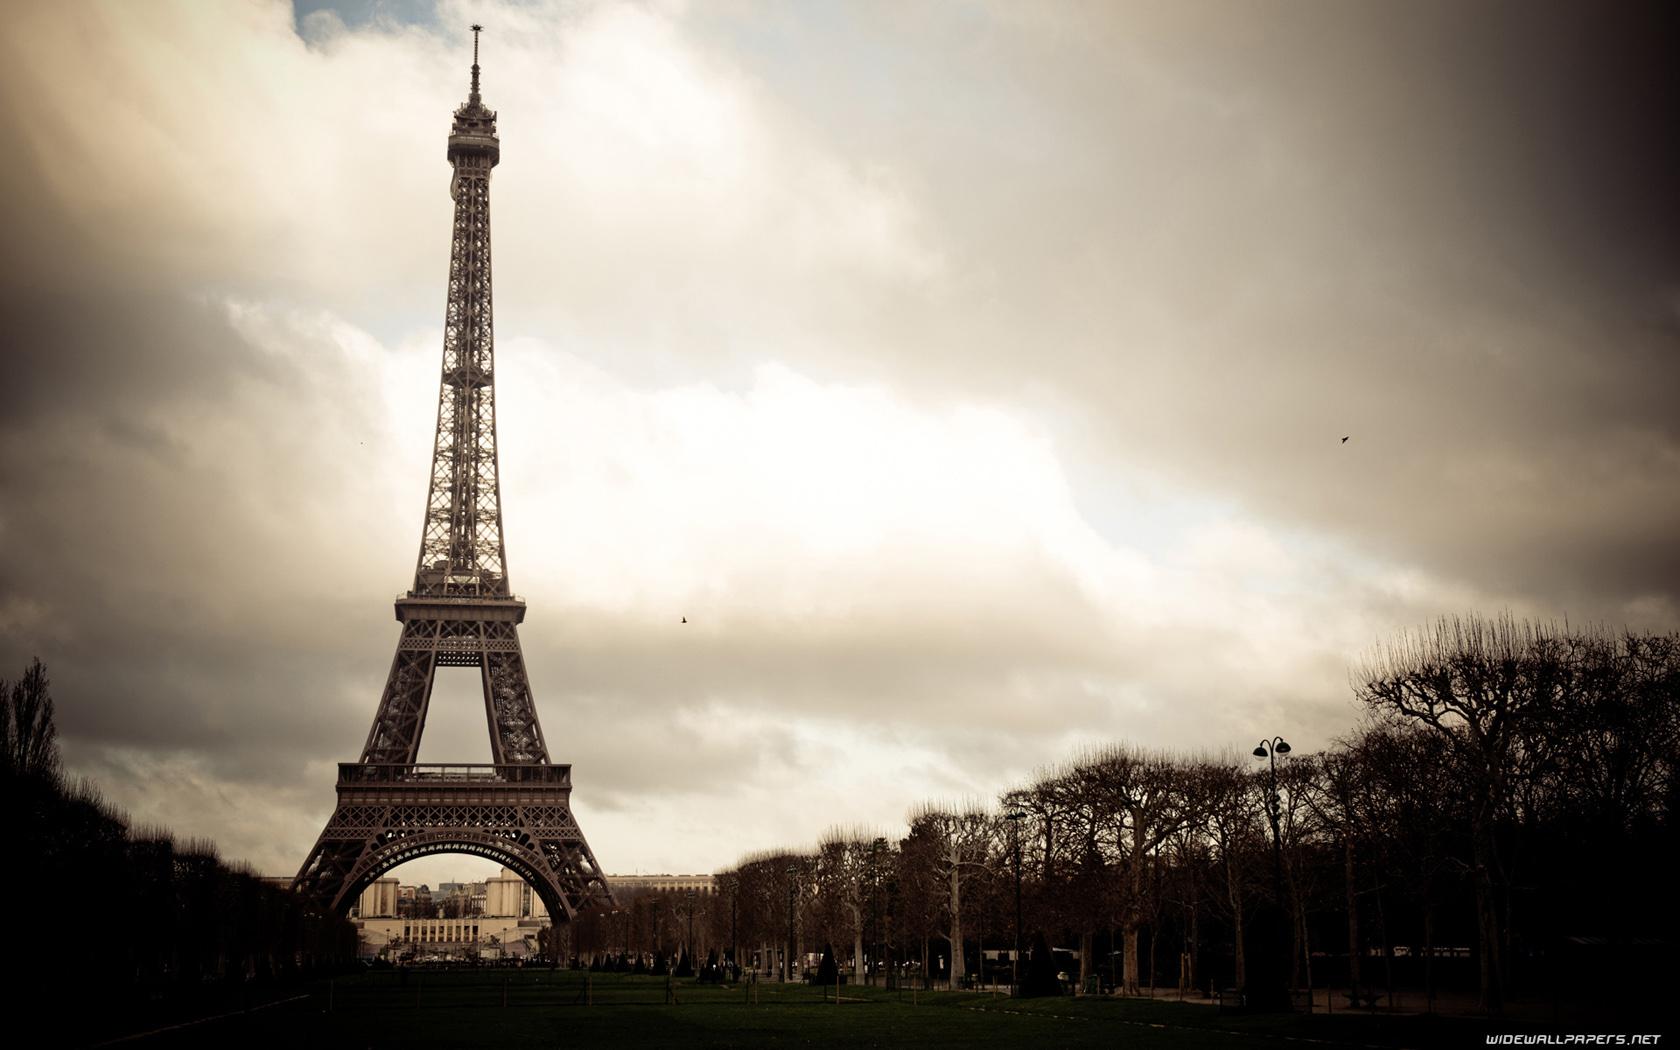 Cute Eiffel Tower Wallpaper: Paris Wallpaper For Computer